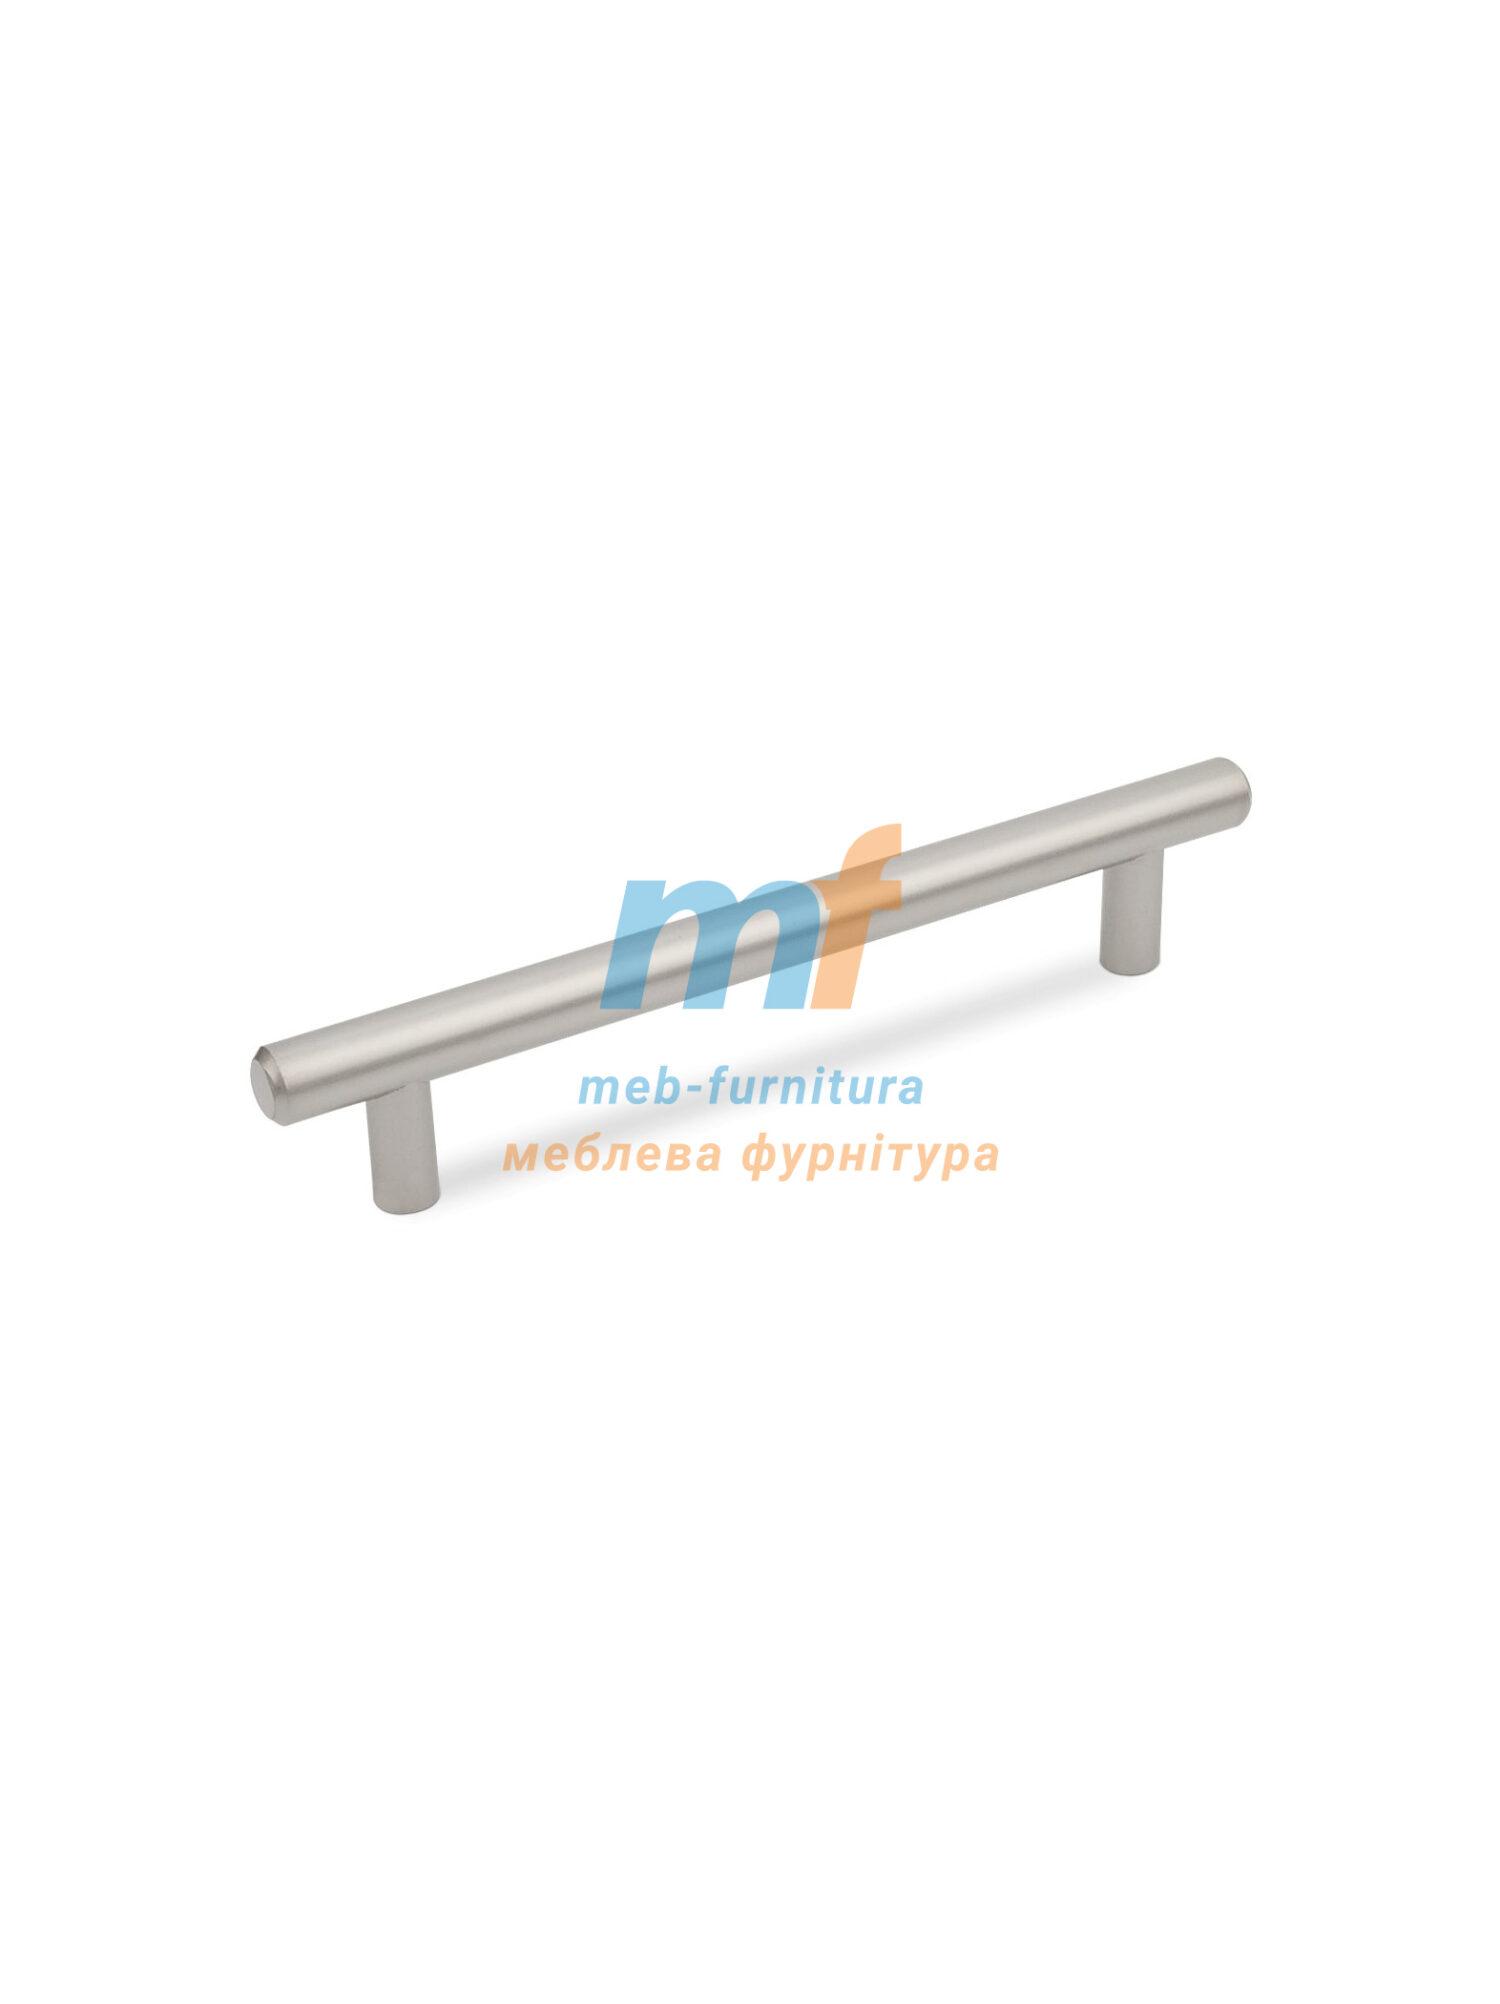 Ручка мебельная релинг 288мм - сатин